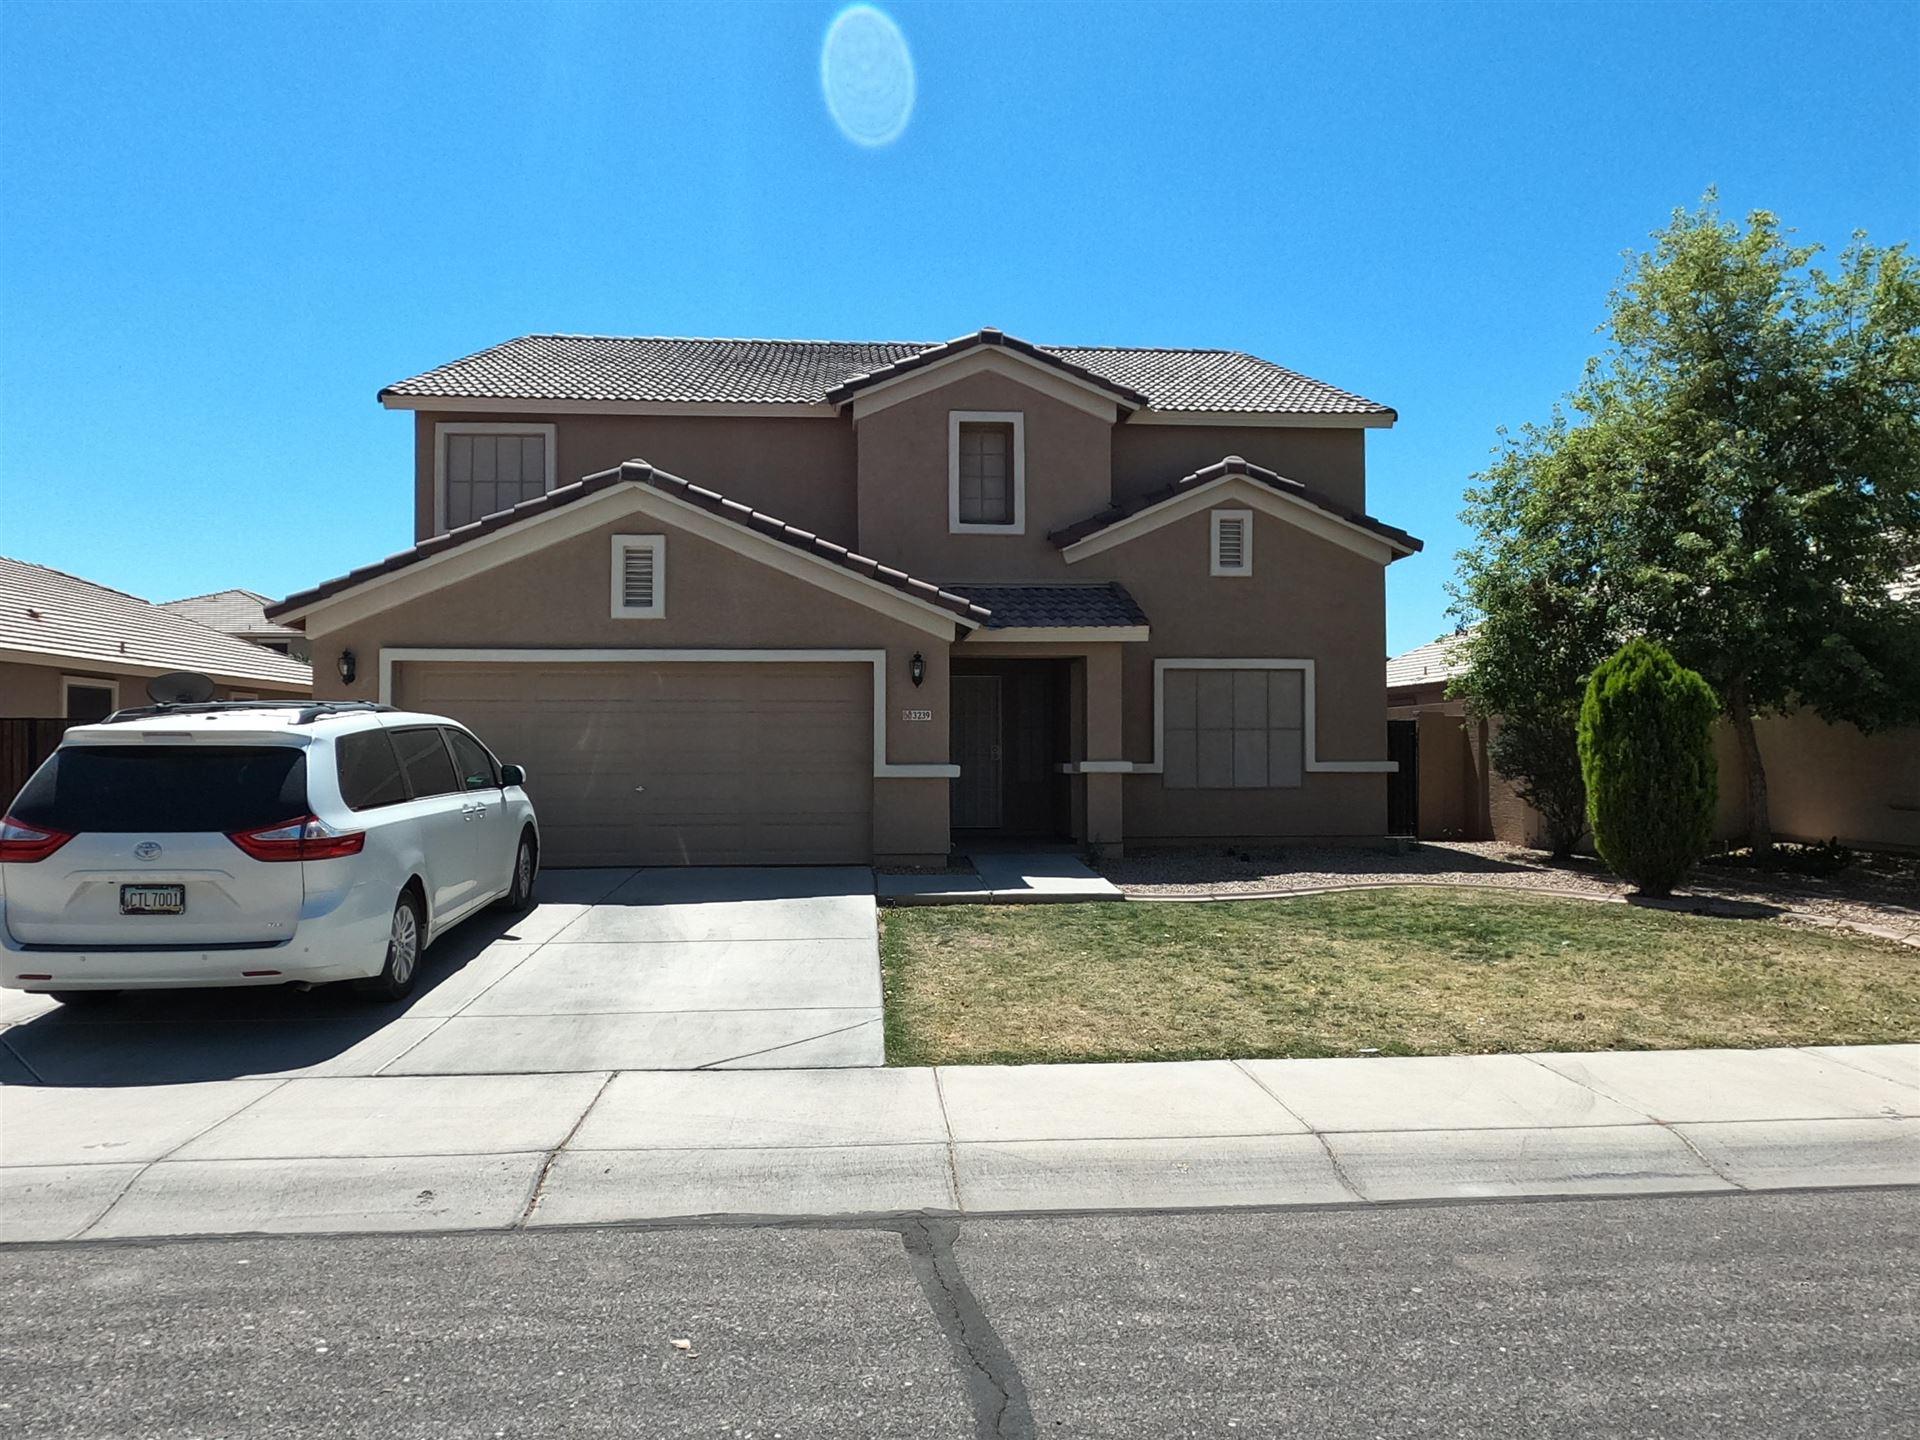 3239 E Denim Trail, San Tan Valley, AZ 85143 - MLS#: 6218886